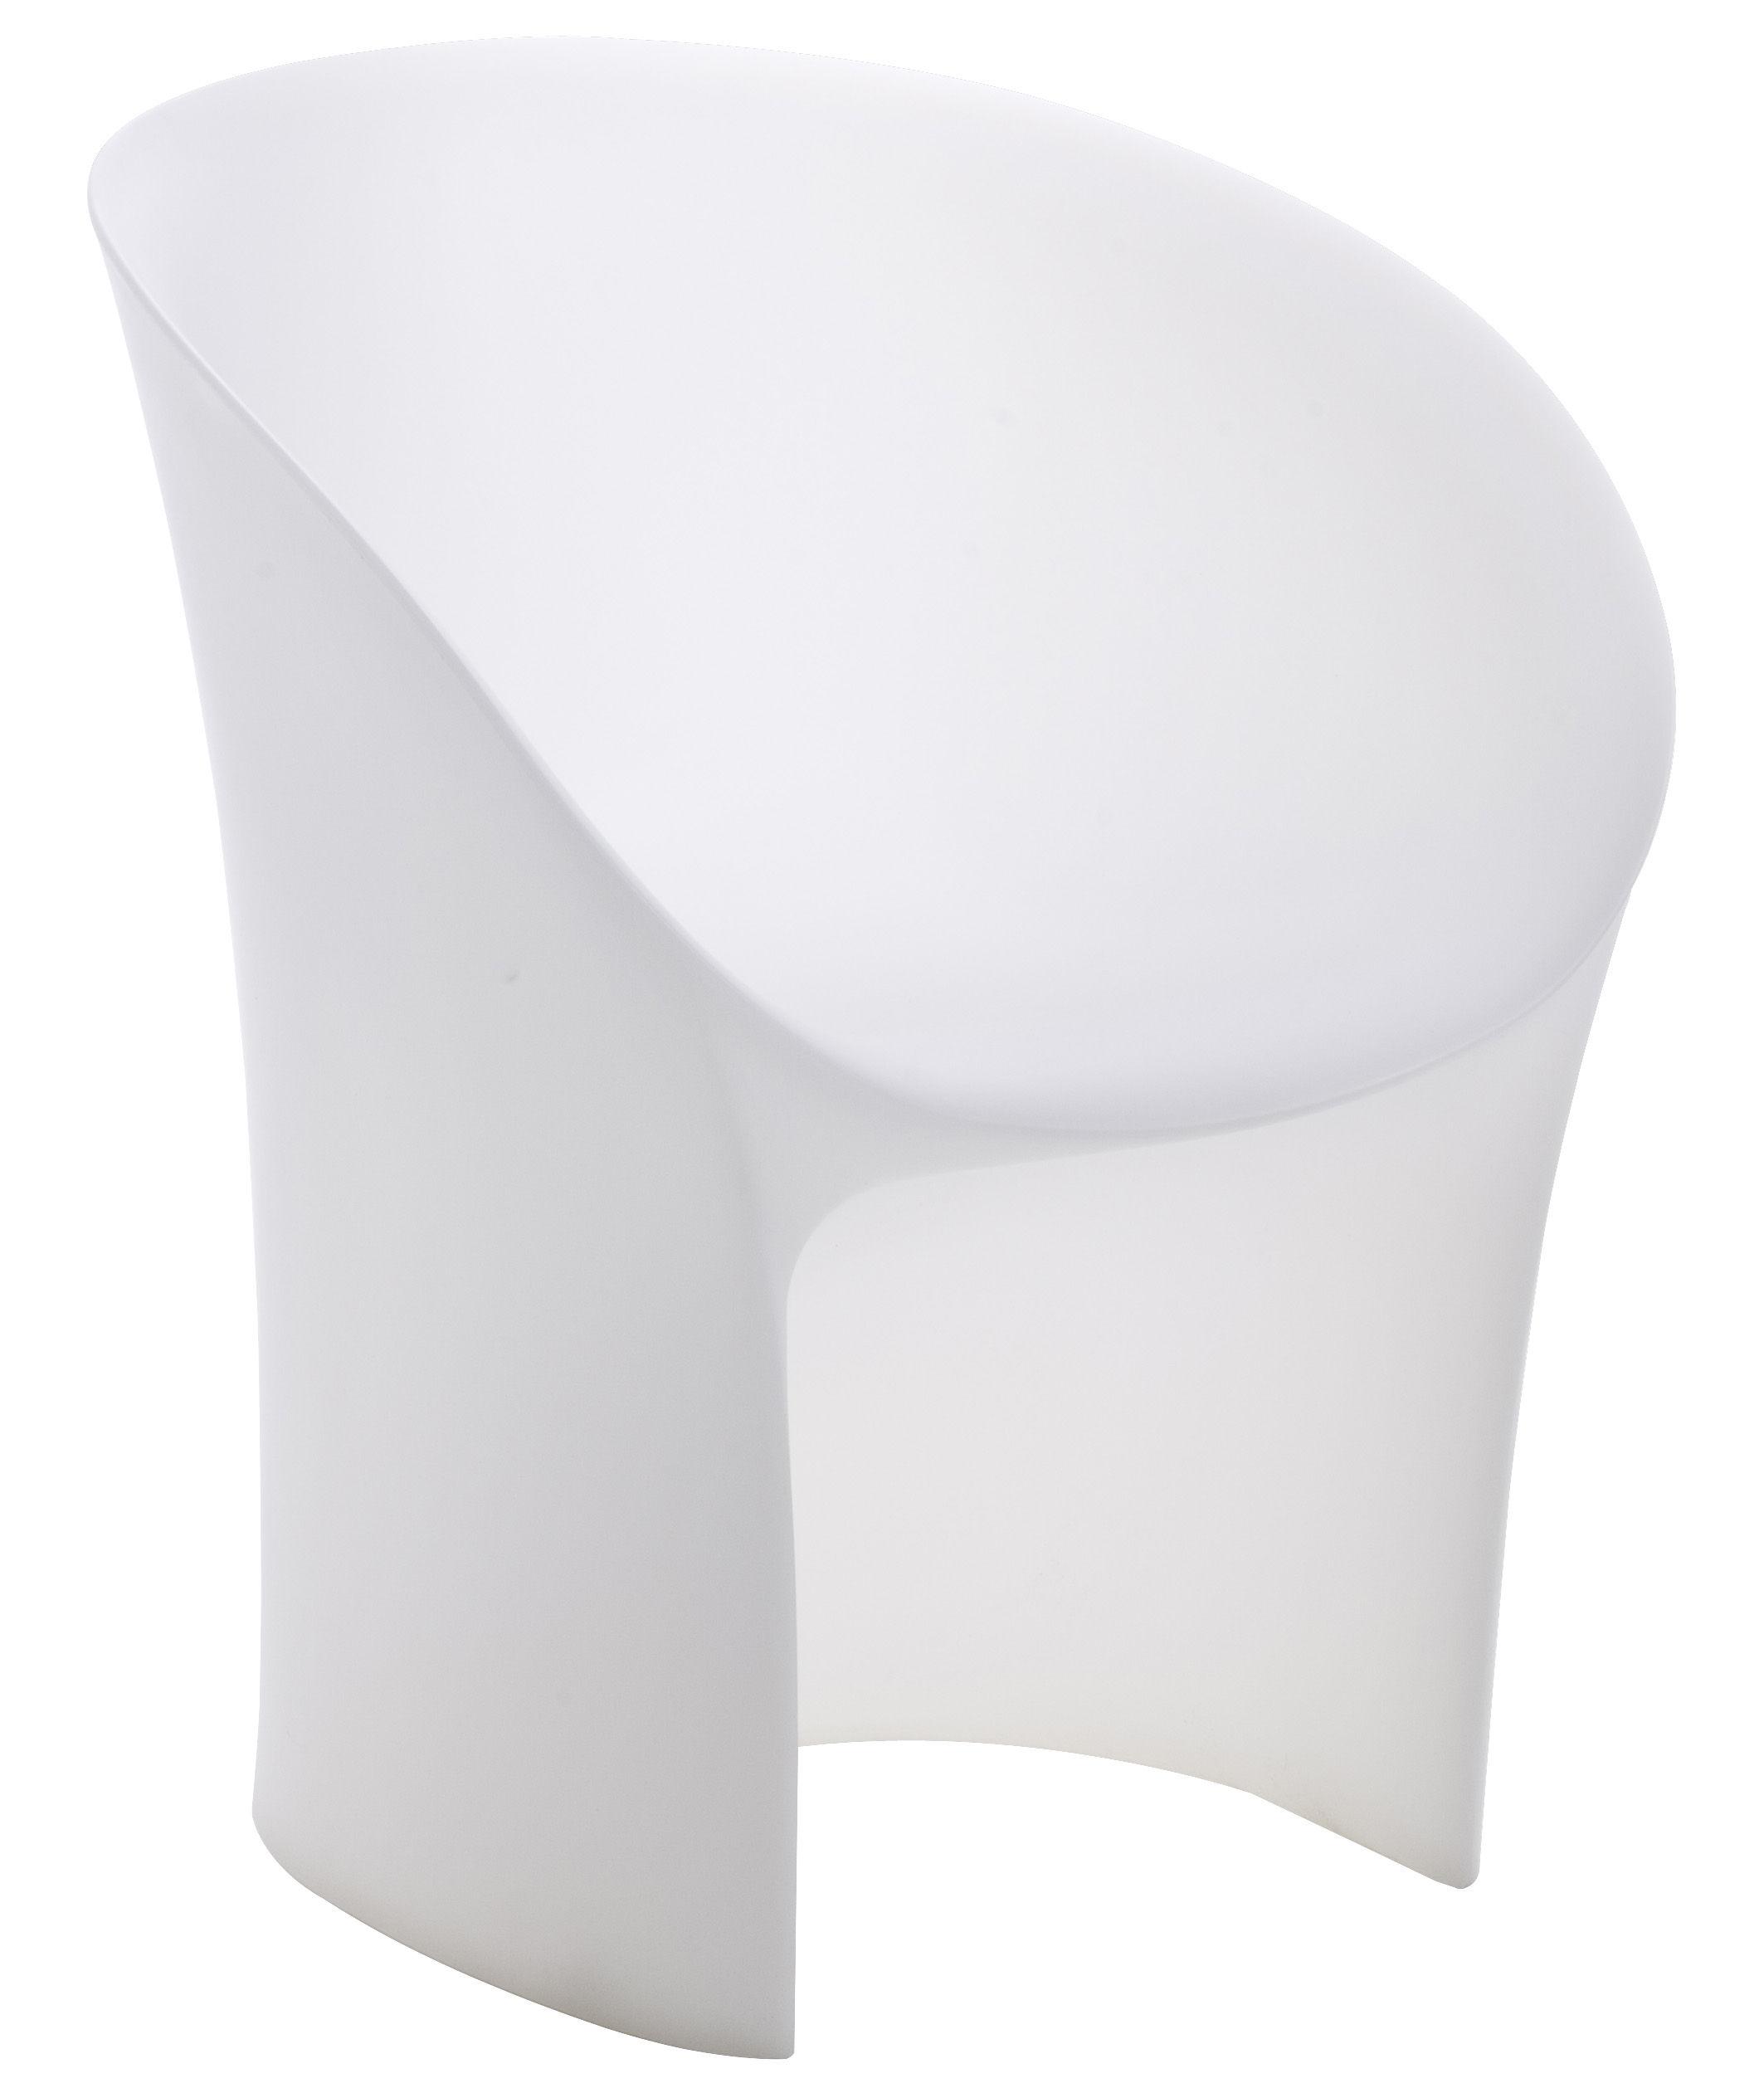 Arredamento - Sedie  - Poltrona Moon - interno/esterno di Moroso - Bianco trasparente - Polietilene